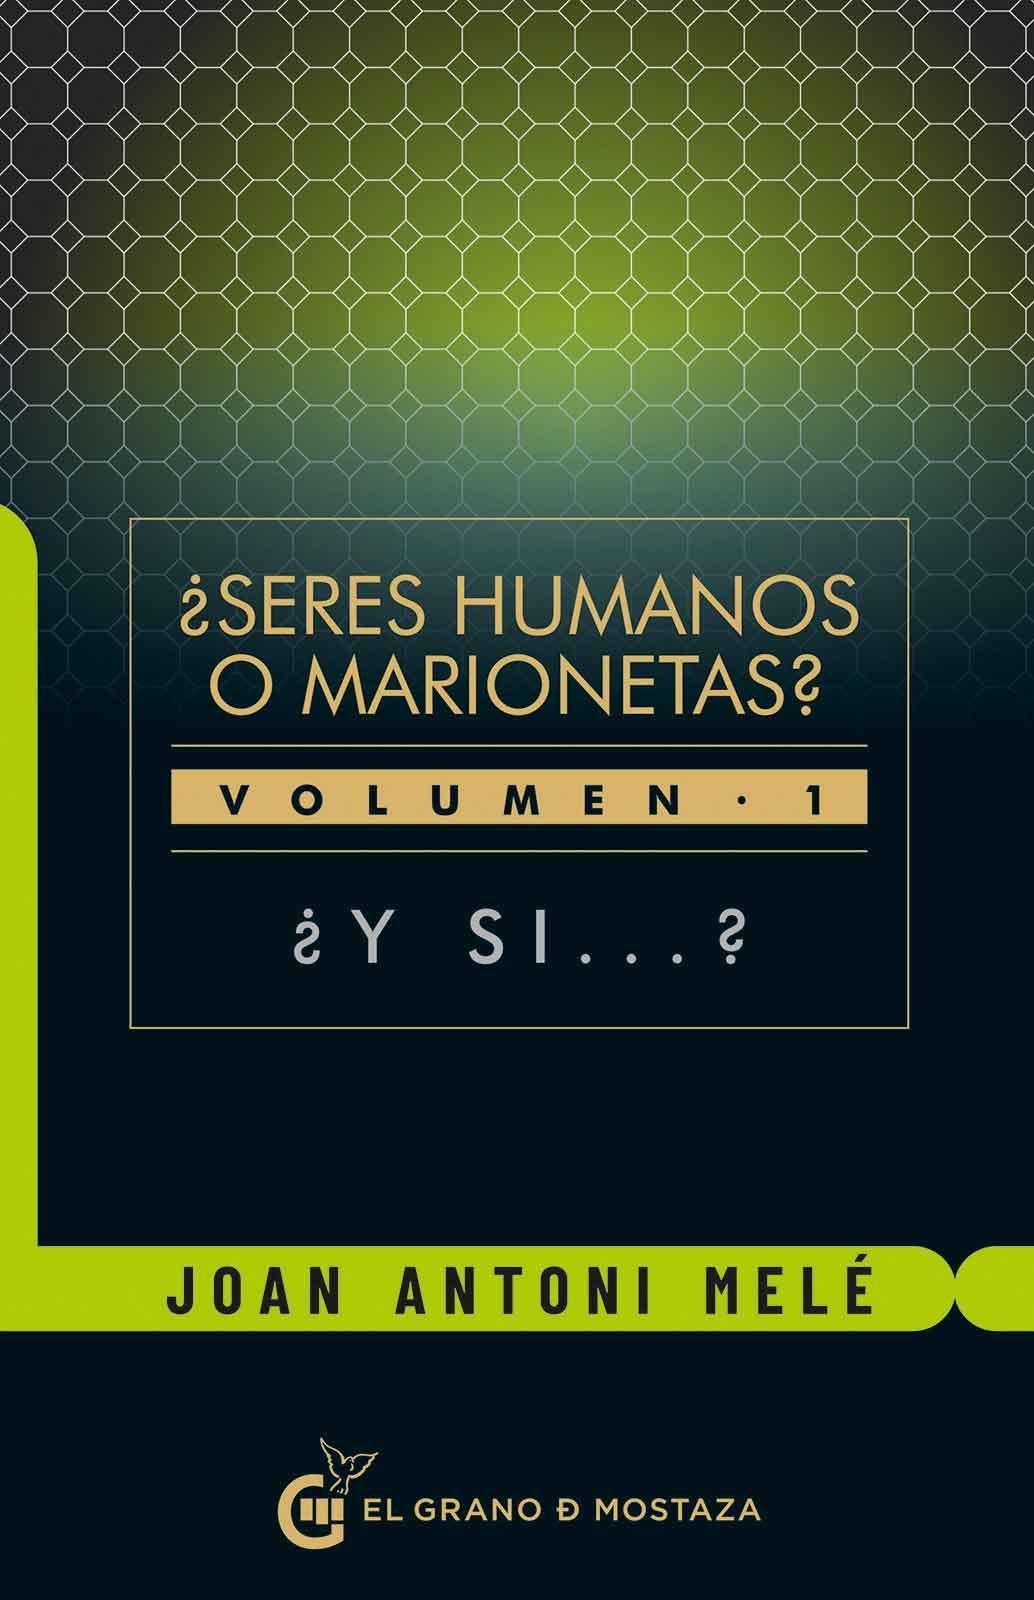 SERES HUMANOS O MARIONESTAS? VOL 1. ¿Y SI...?